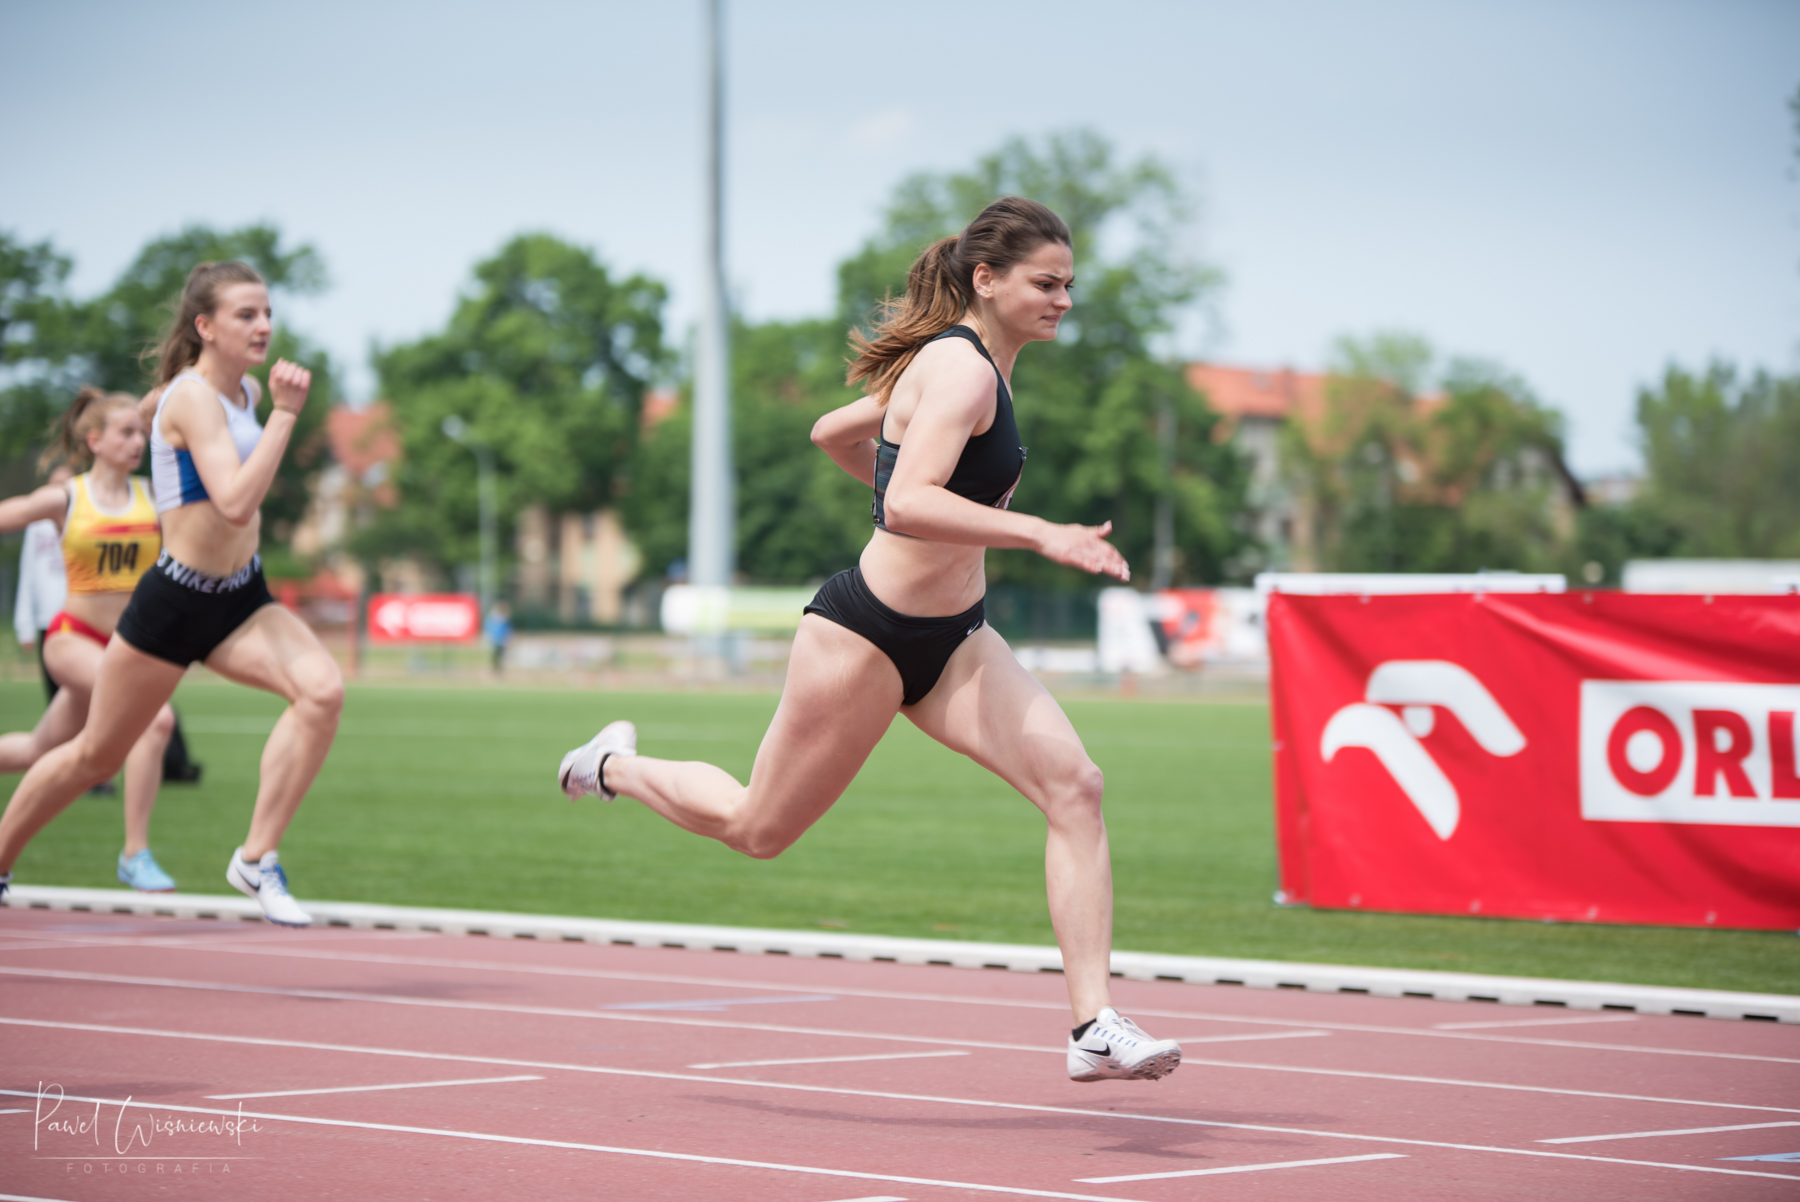 Szybkie bieganie w Bielsku Białej